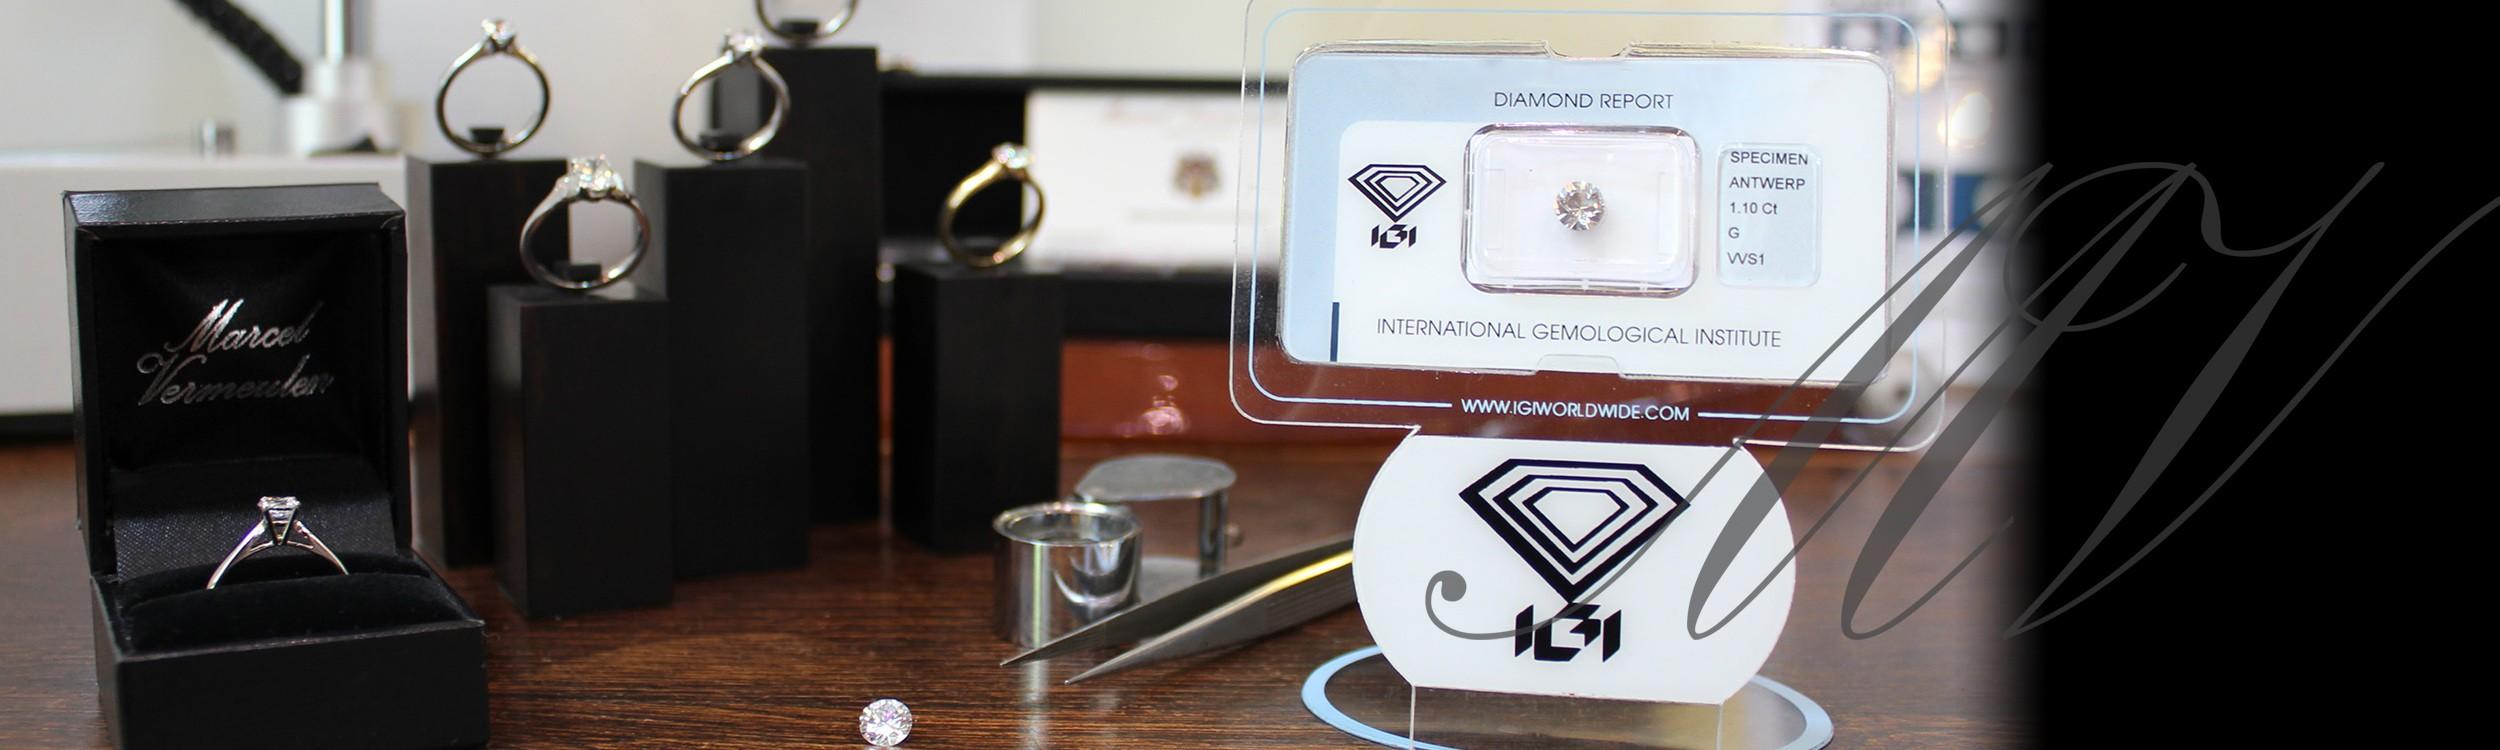 verlovingsring-certificaat-diamanten